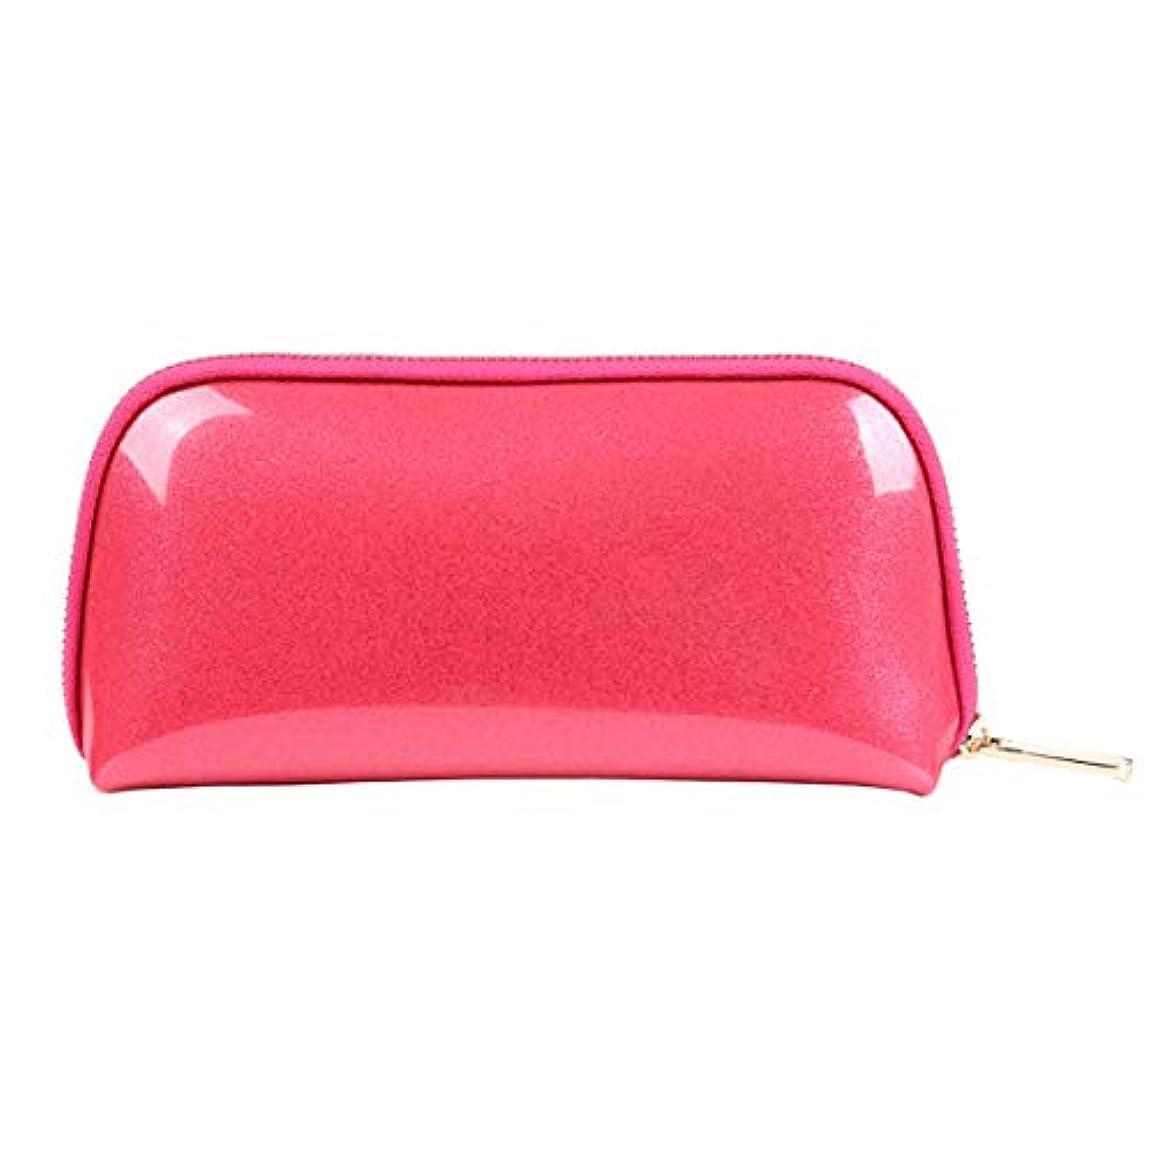 破壊的普通にありそうBALLEEY クリエイティブ多機能大容量女性のトイレタリーバッグ化粧バッグ男性と女性の普遍的な旅行バッグ受け取りバッグ洗濯バッグ (色 : ピンク)